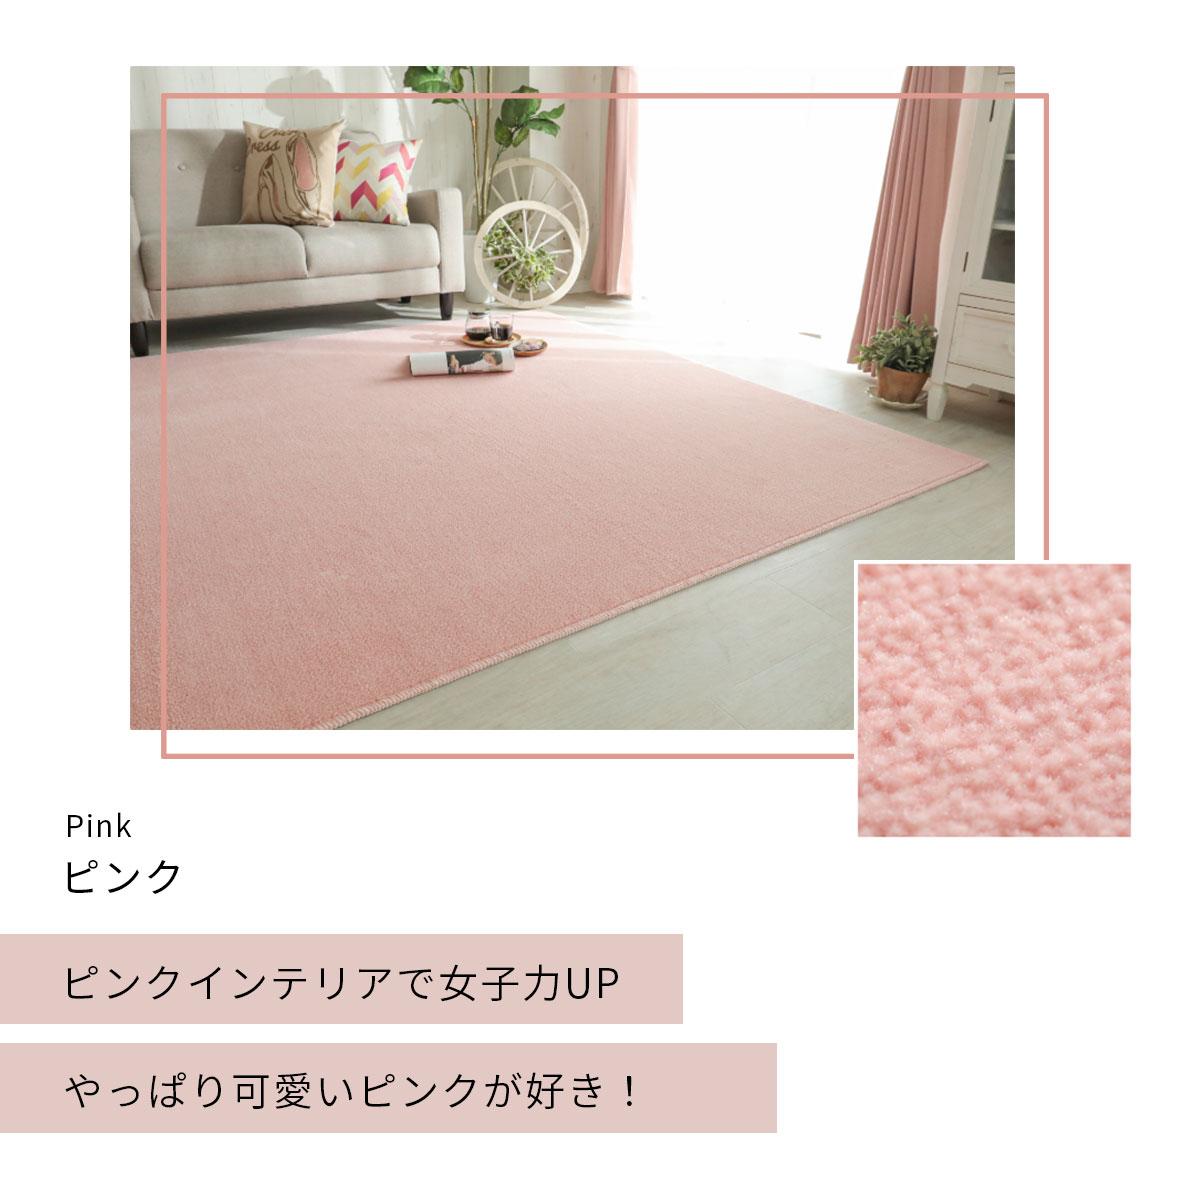 カラー紹介ピンク